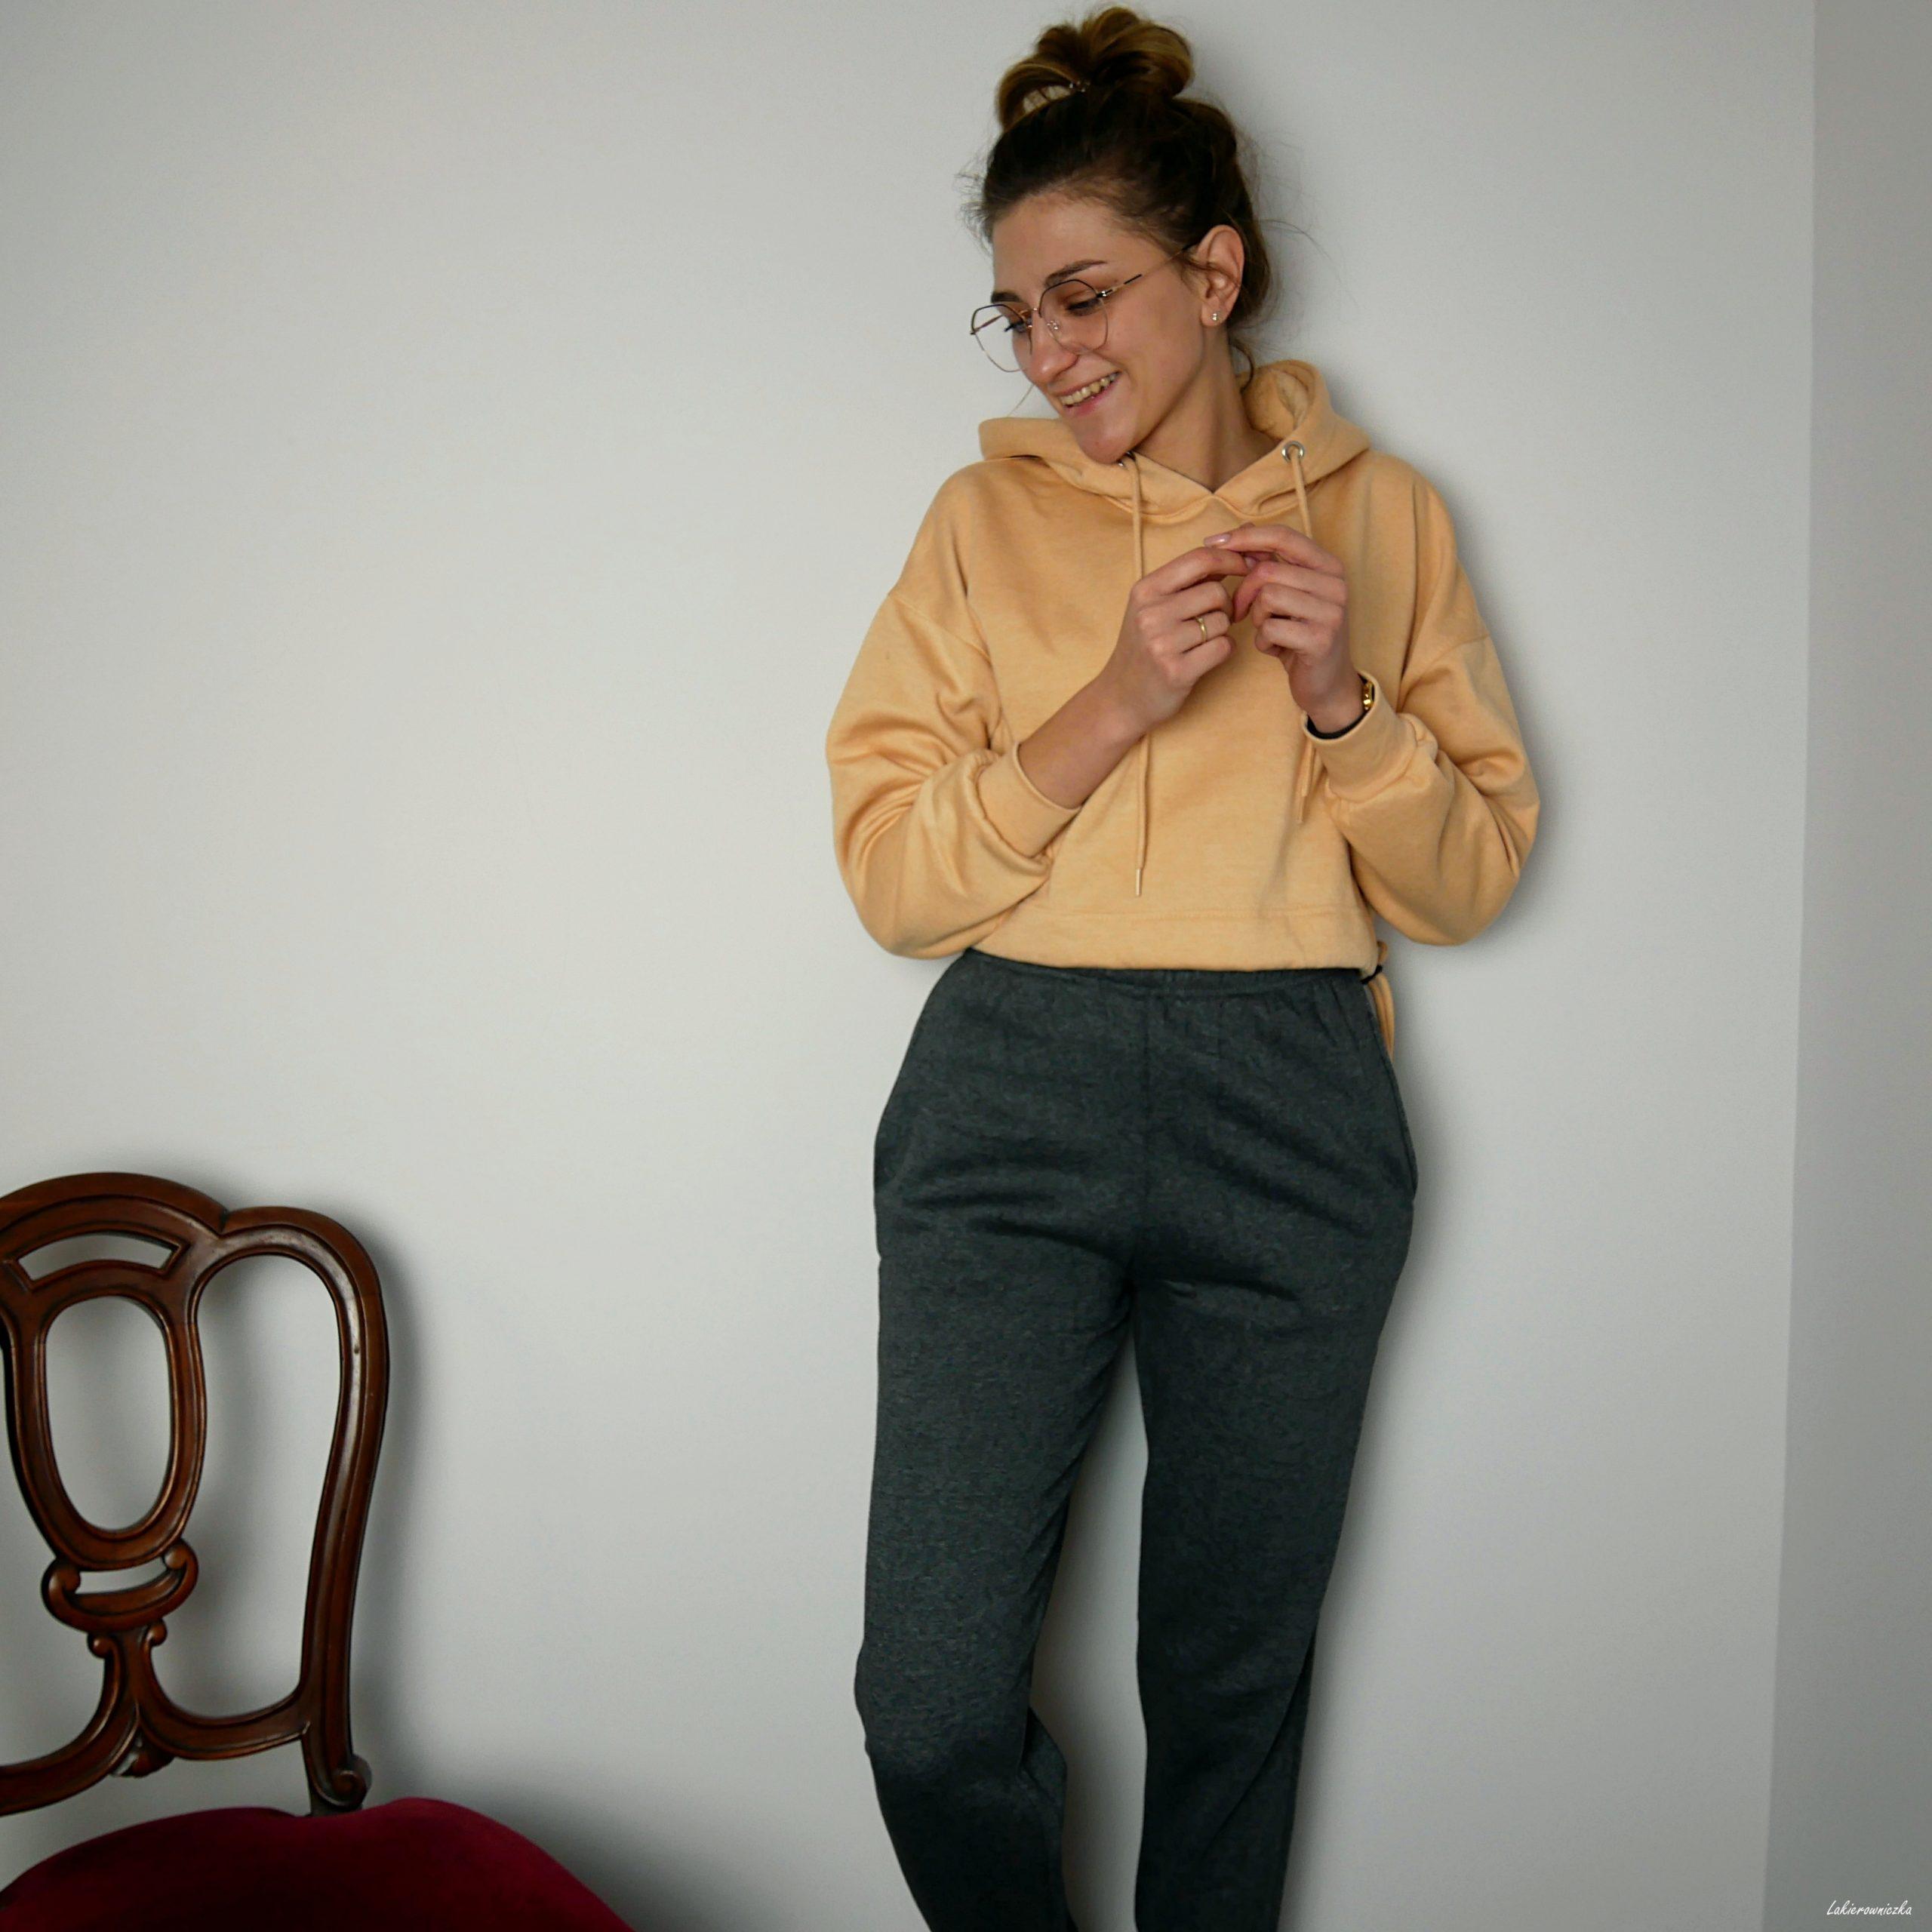 Femme-Luxe-dresowe-spodnie-sukienka-elegancka-Lakierowniczka